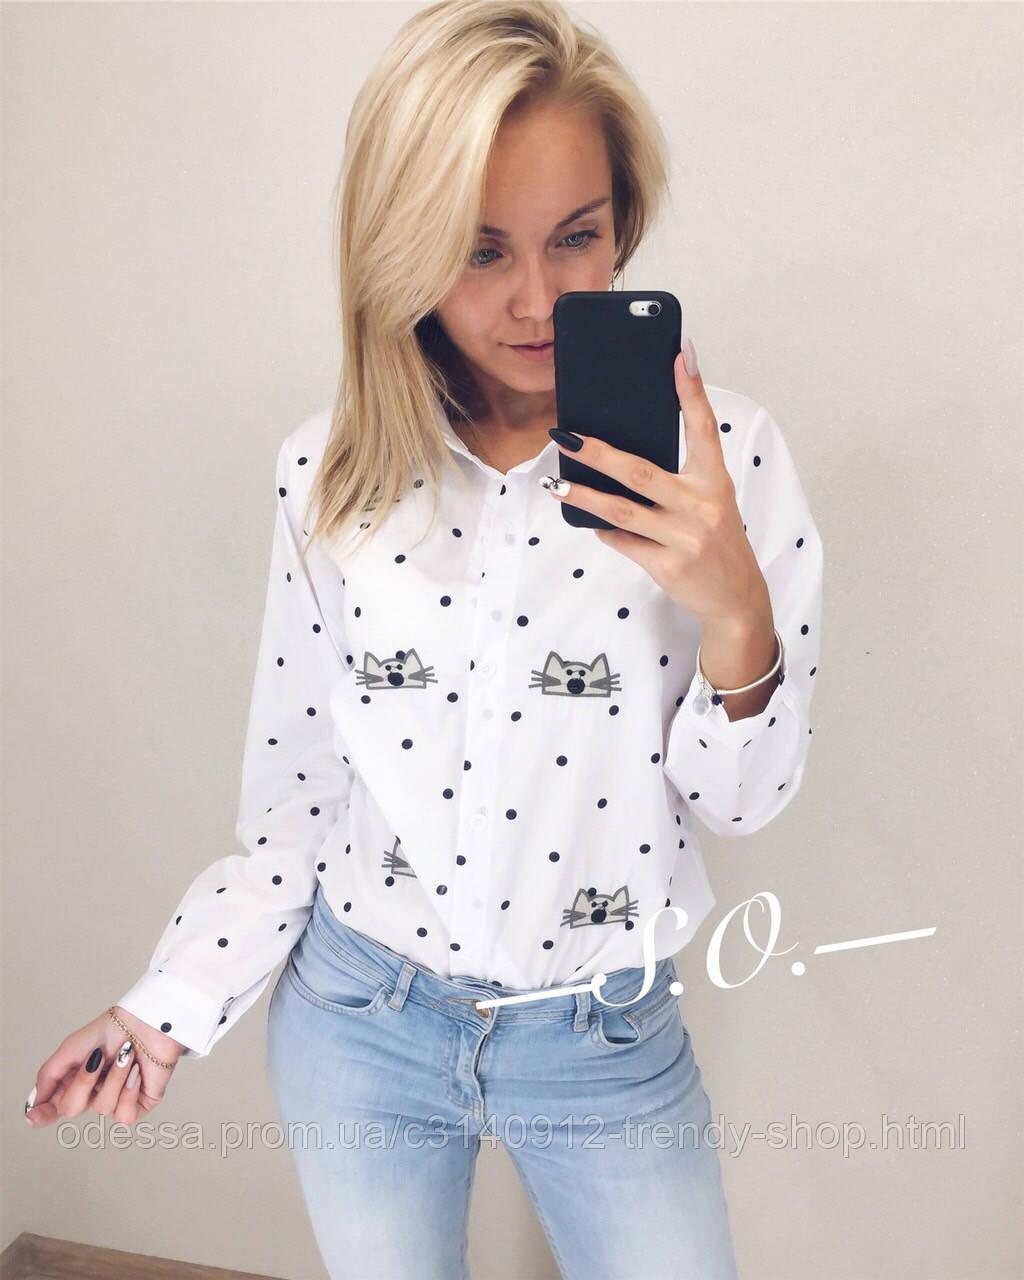 Рубашка женская с котиком полоска, белая, горошек